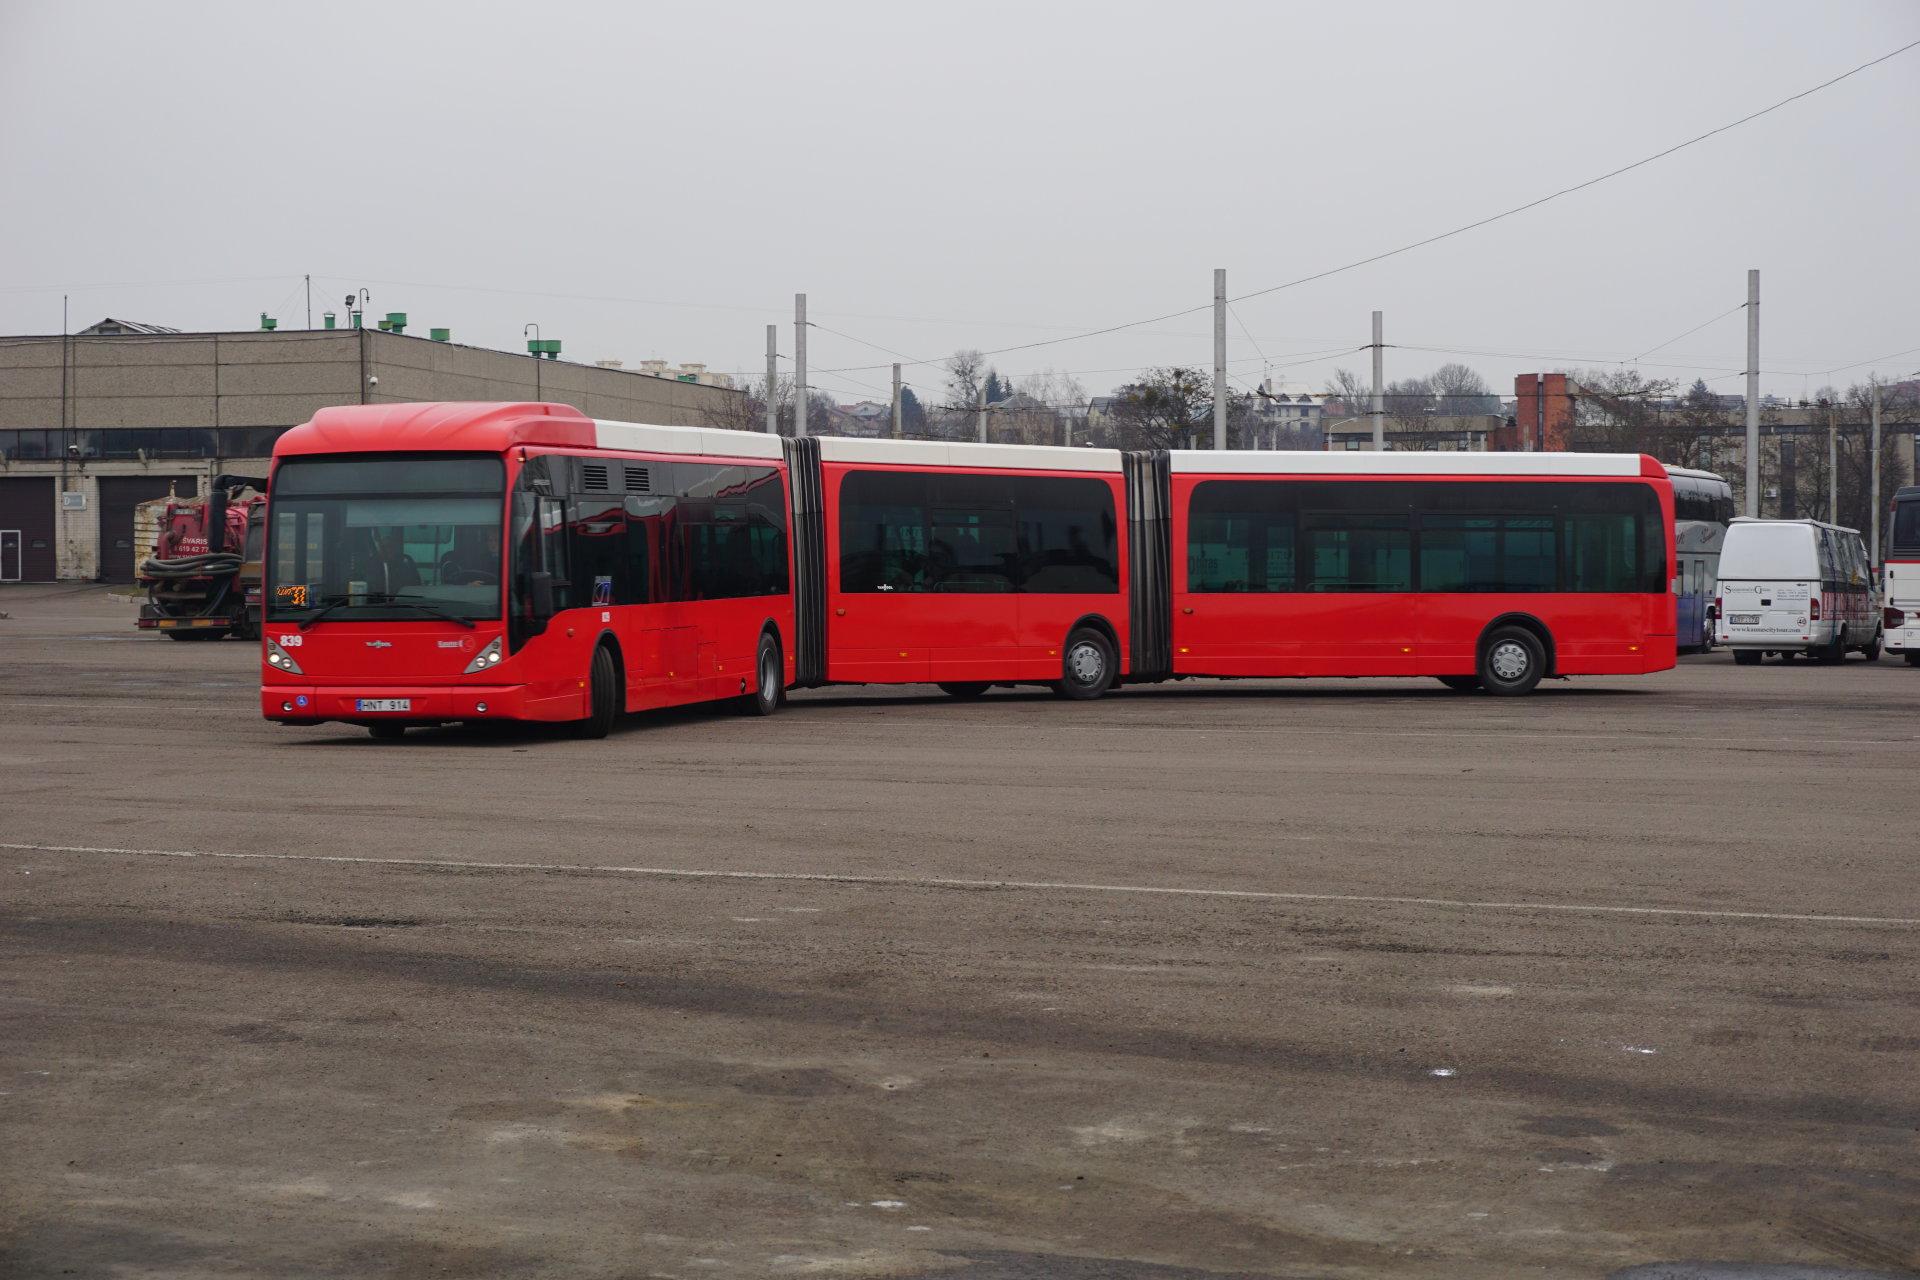 Vilniaus miesto autobusu fotogalerija 19